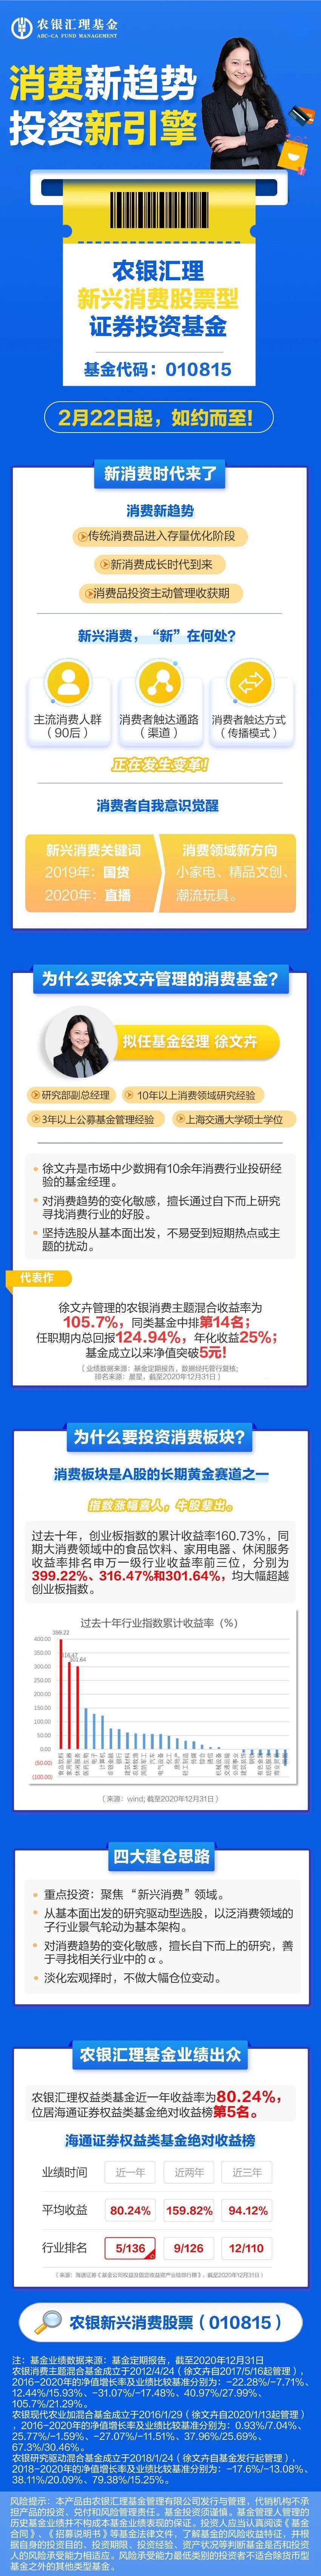 【新产品】农银新兴消费股票基金今起发行